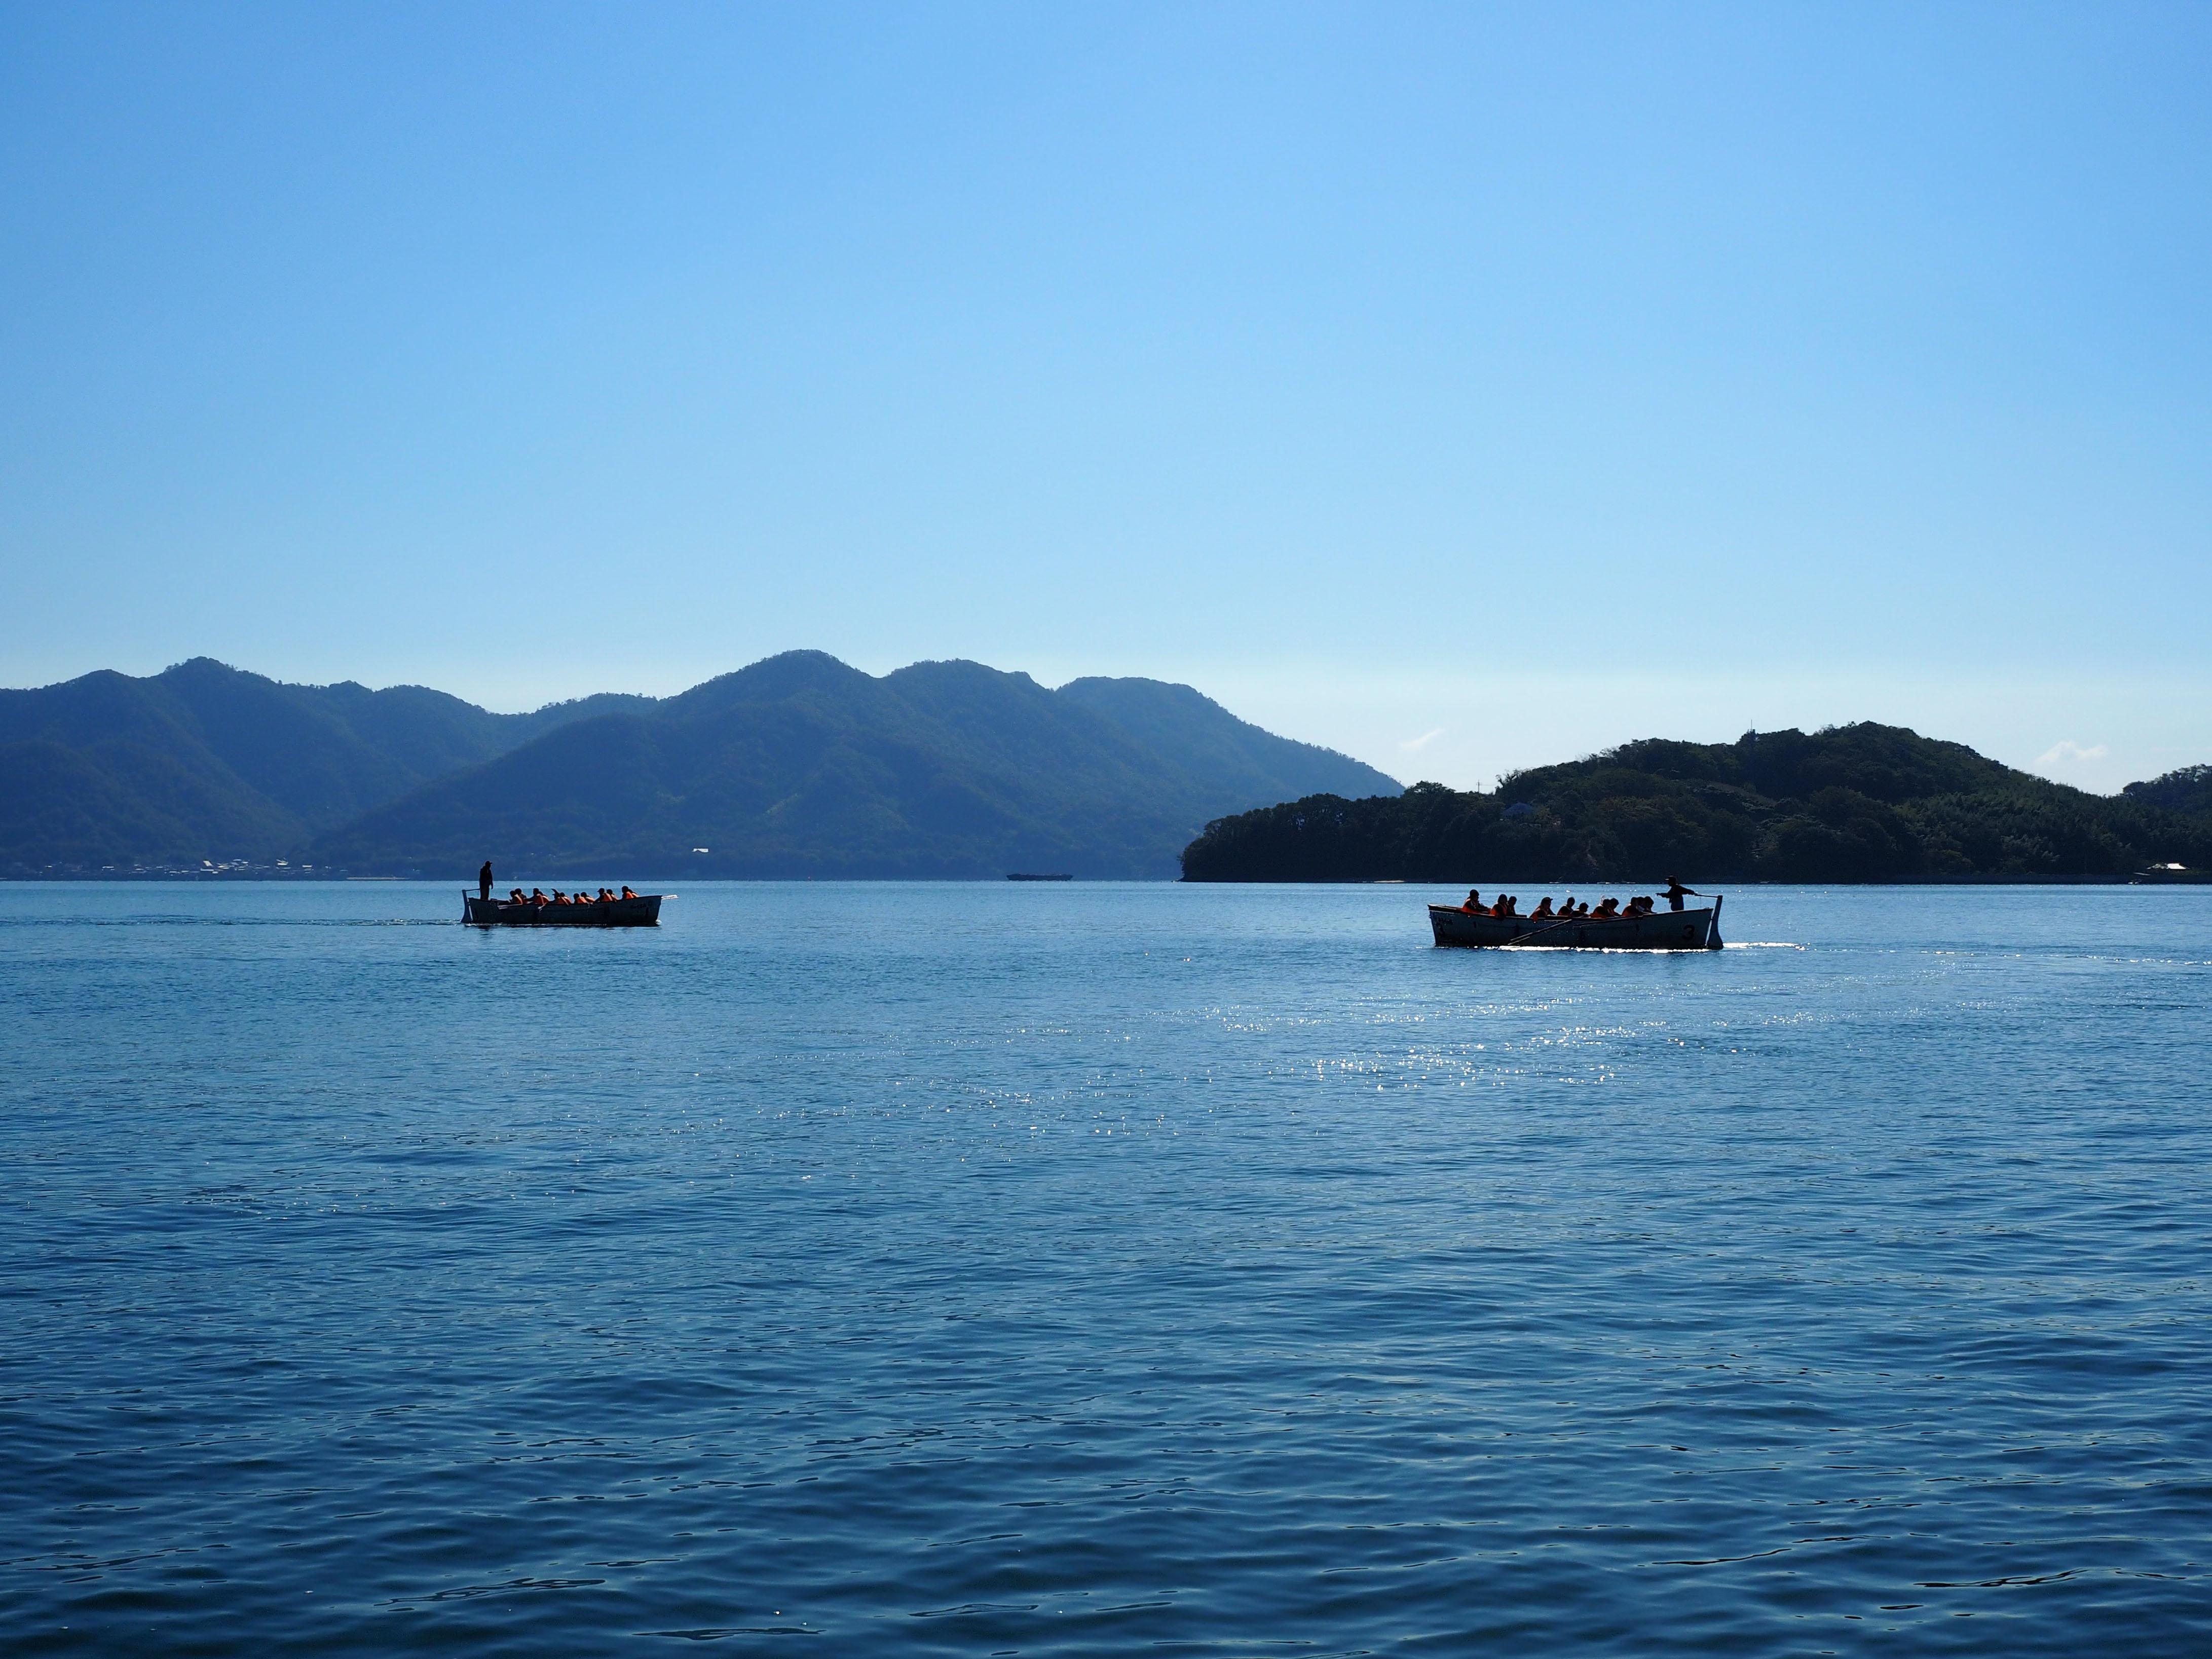 瀬戸内の穏やかな海で体験するプログラムは年間2万人の利用がある人気コンテンツです